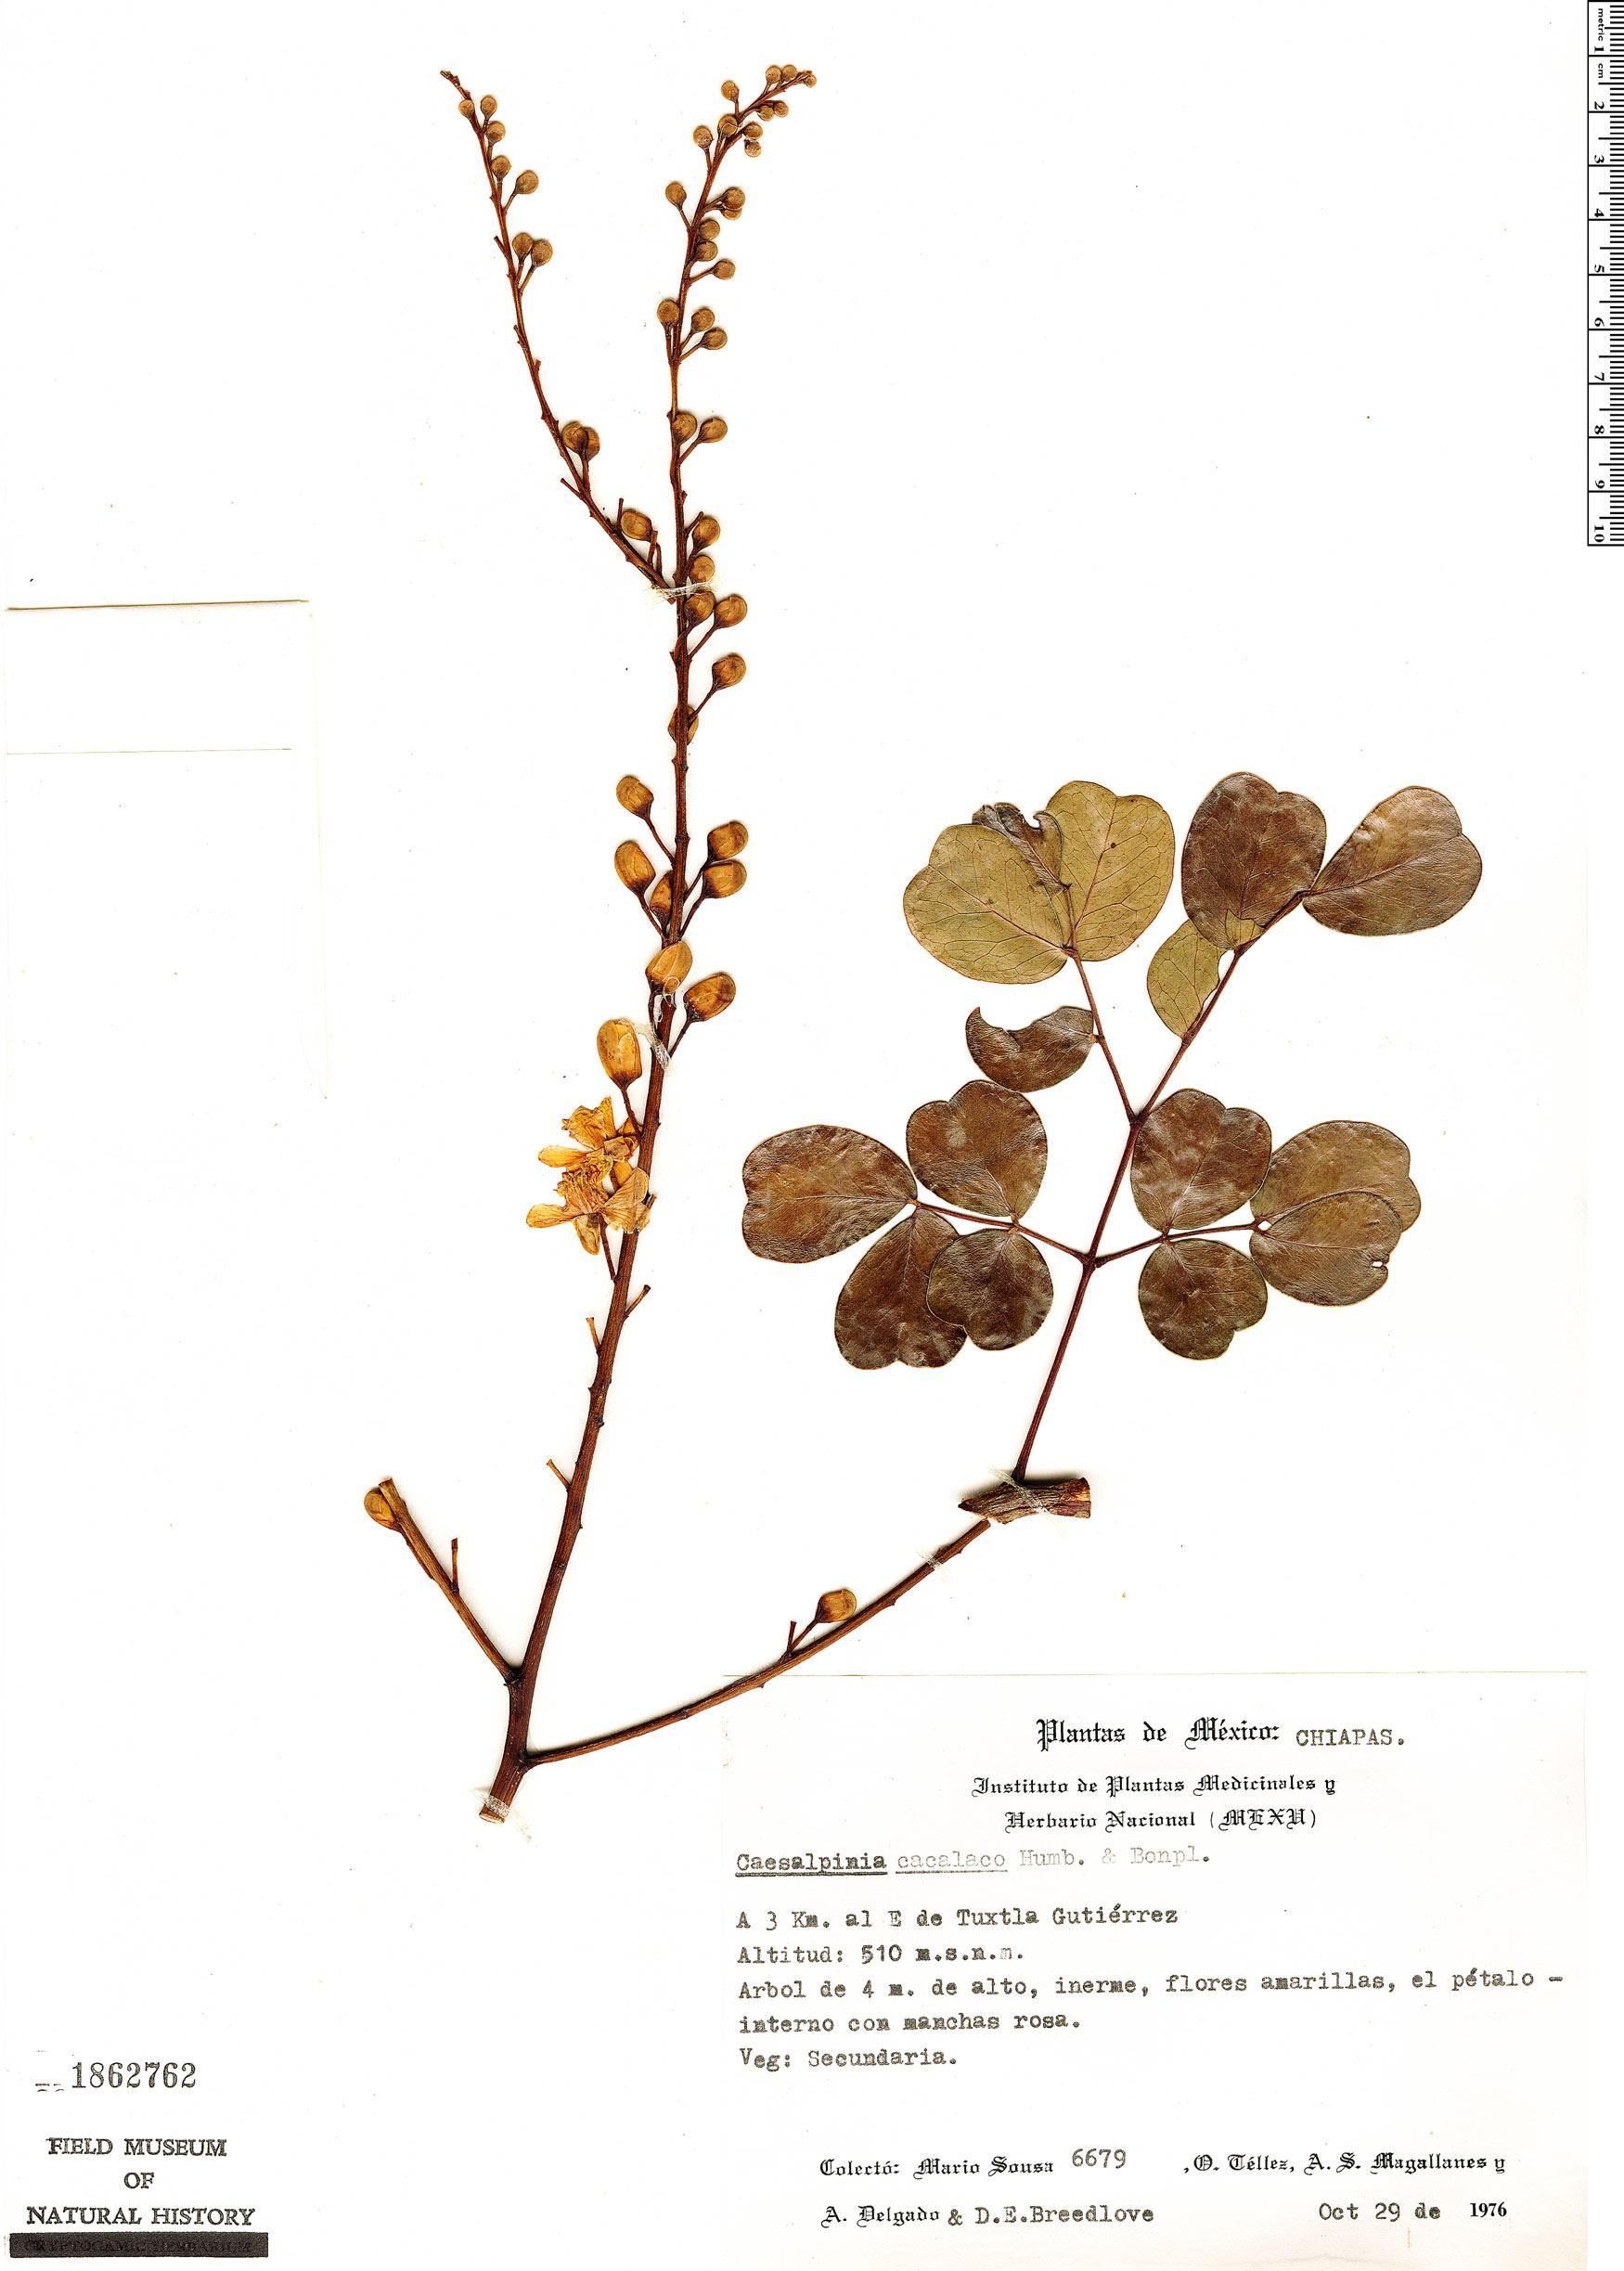 Caesalpinia cacalaco image